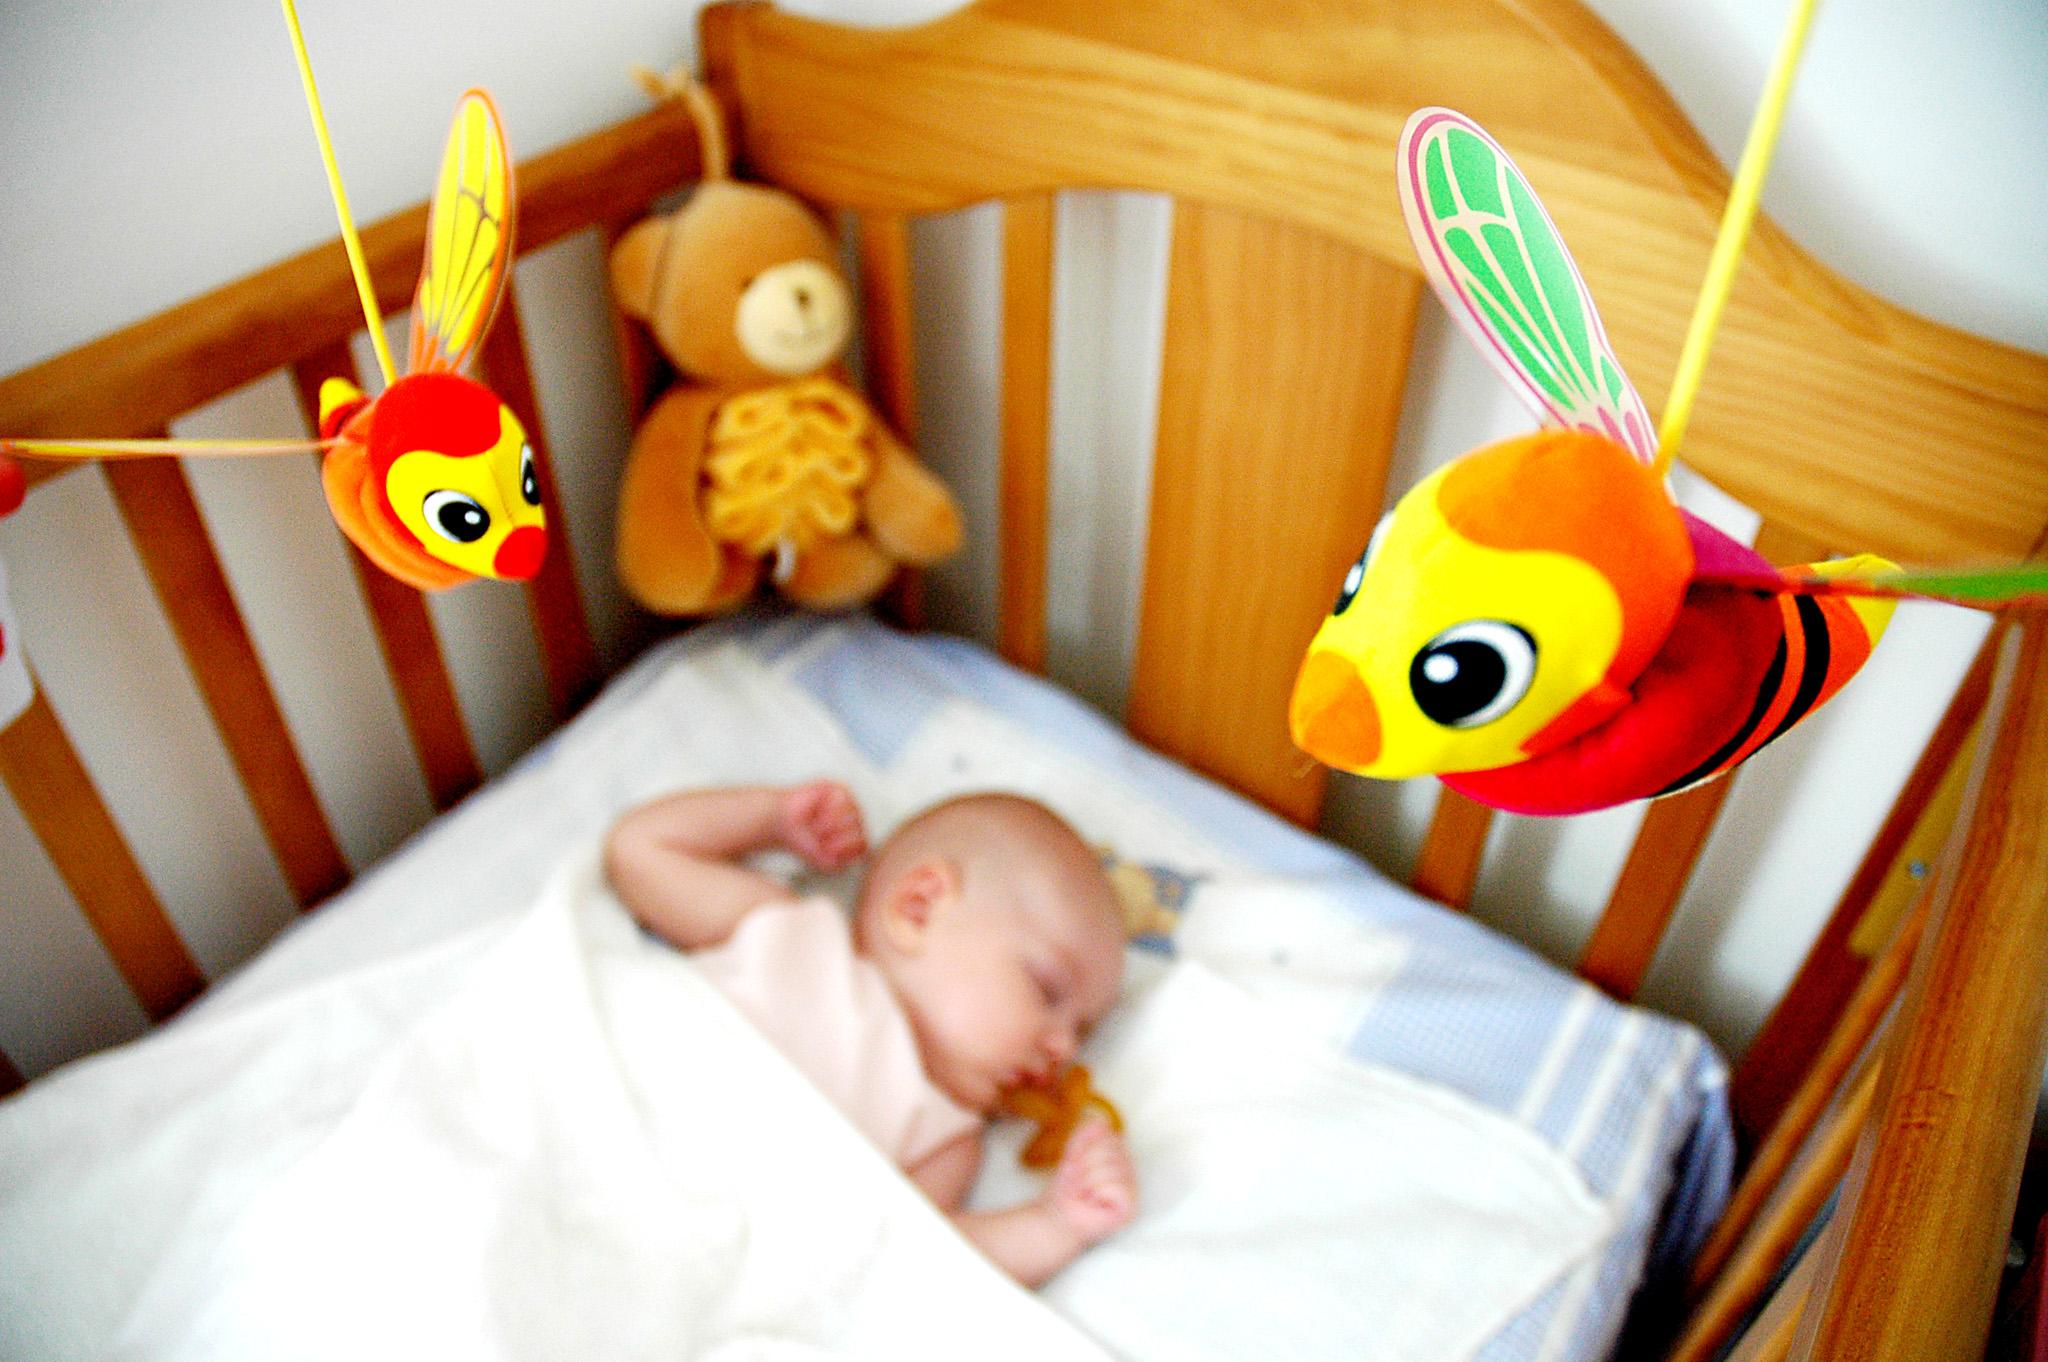 O seu filho não dorme? Dê-lhe rotina, organização e paciência